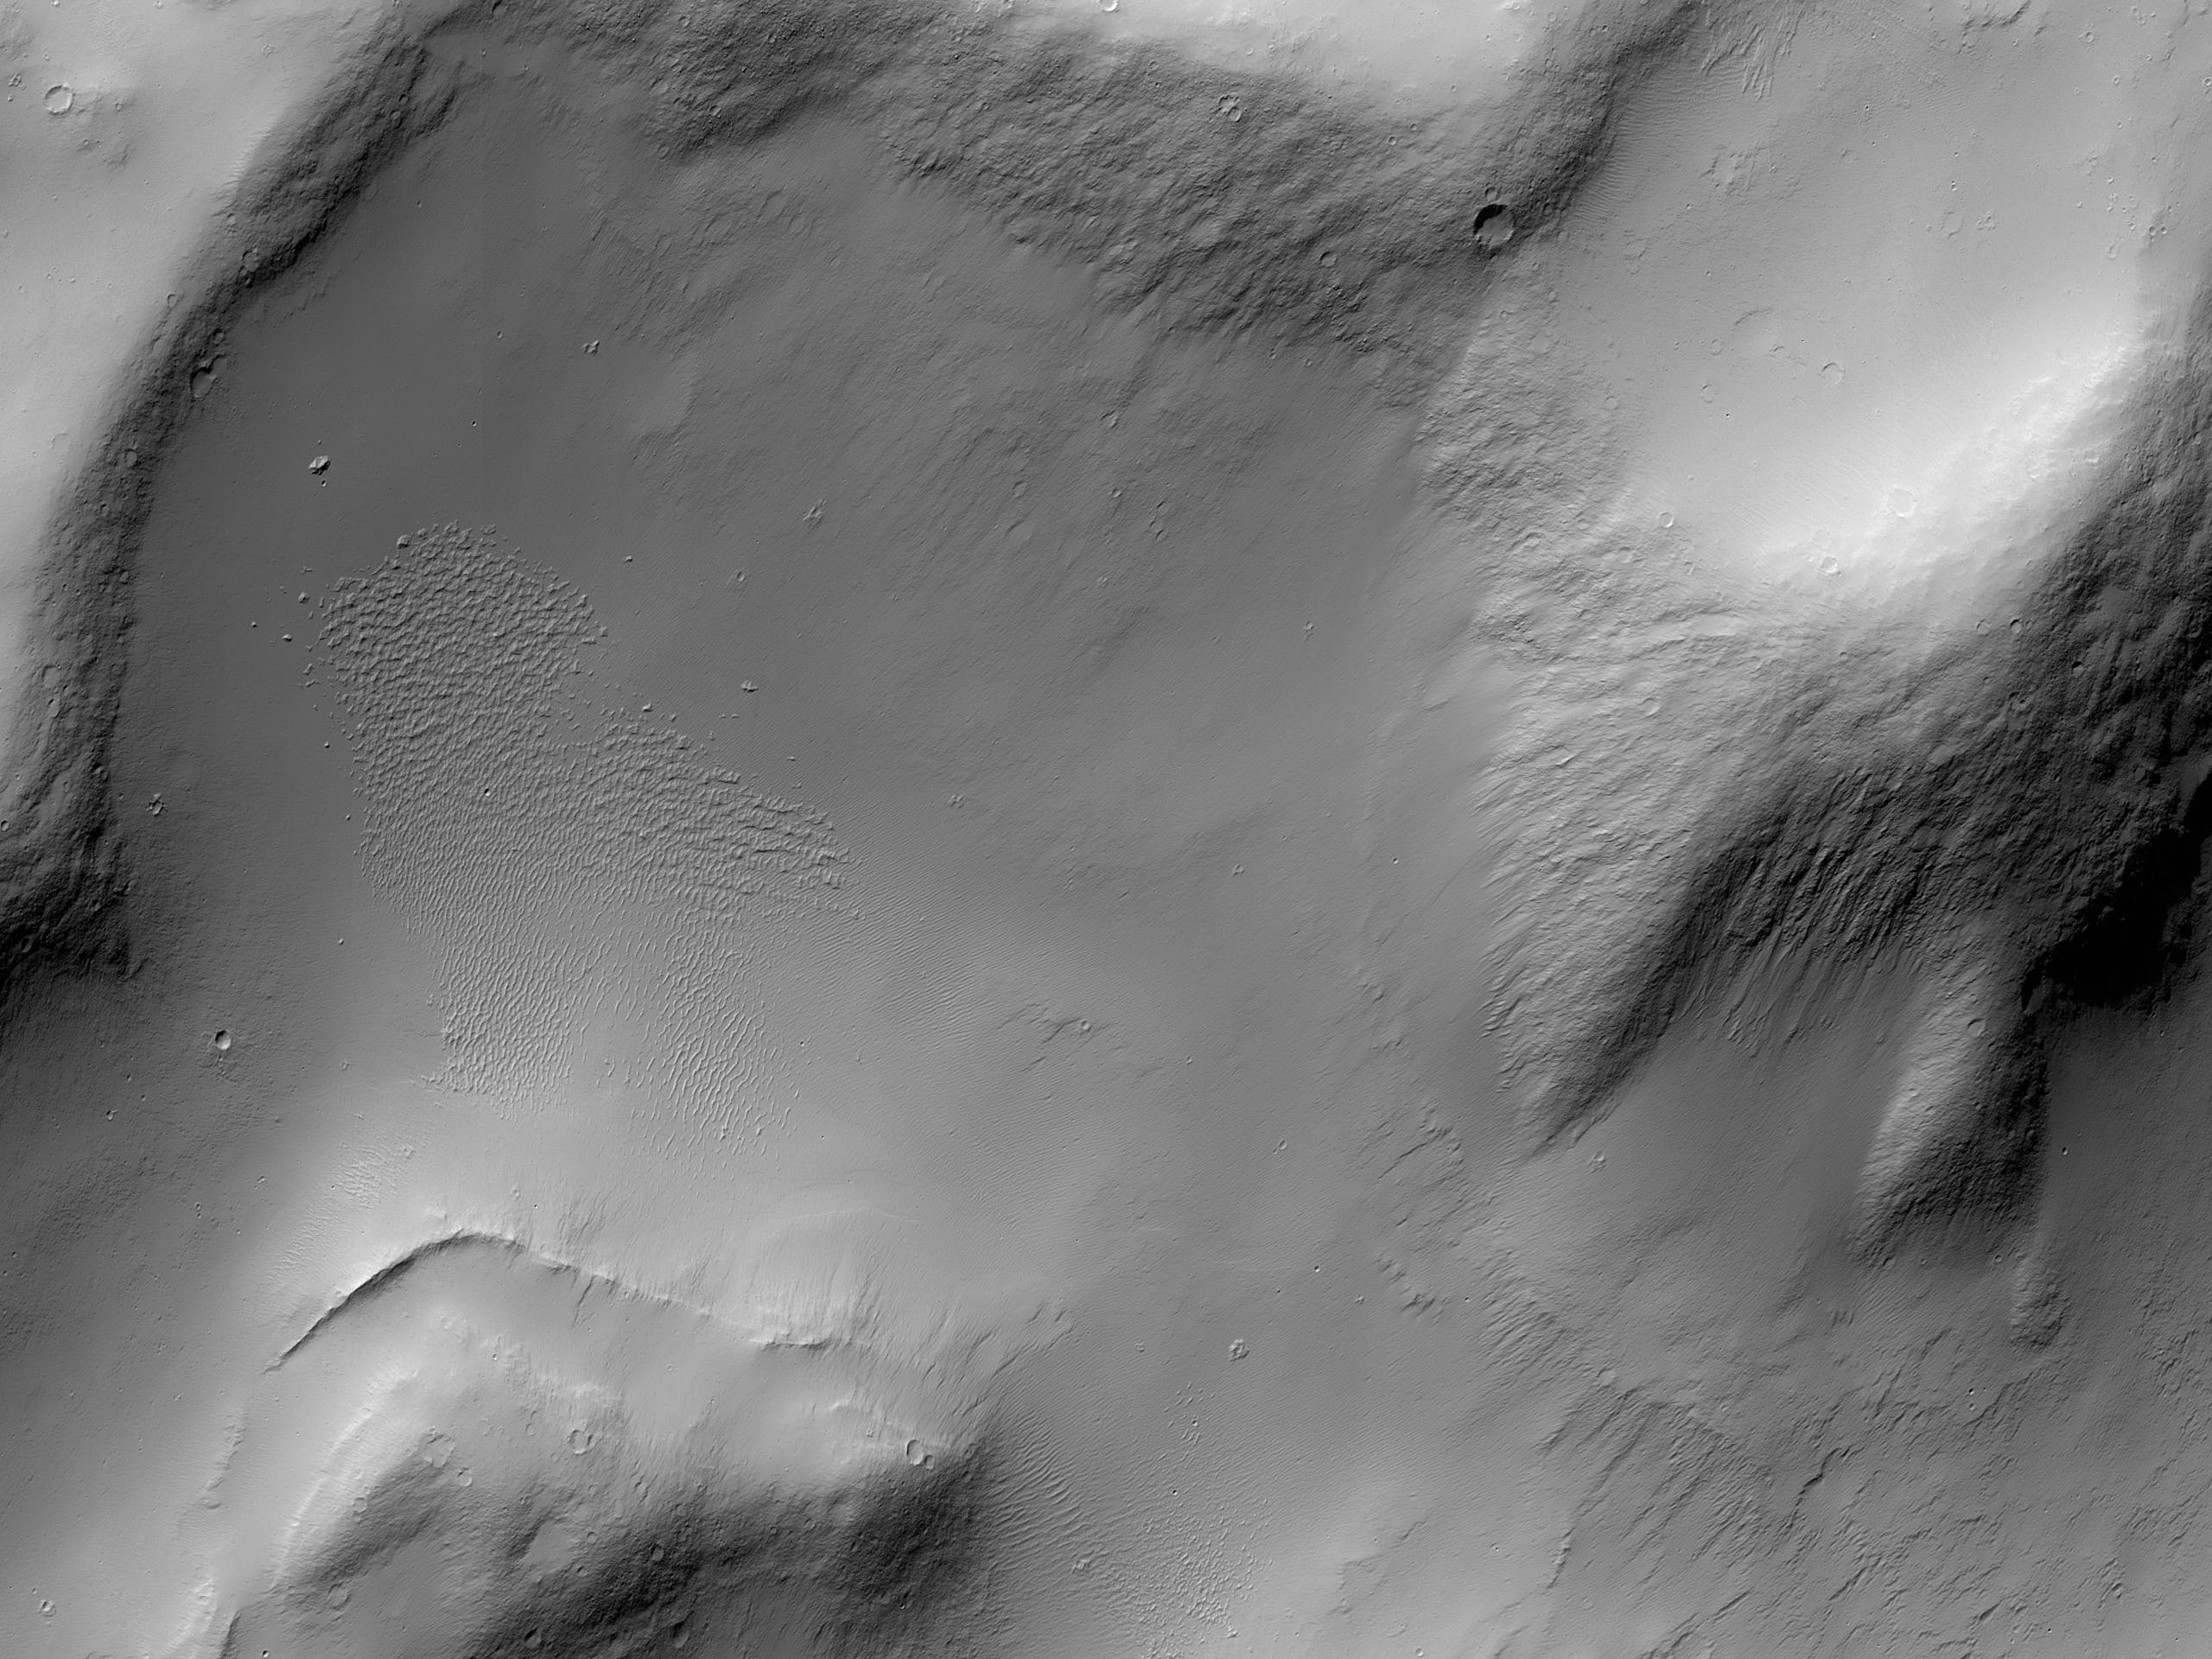 Ένας γκρεμός στην Καλδέρα του Απόλλωνος (Apollinaris Patera)